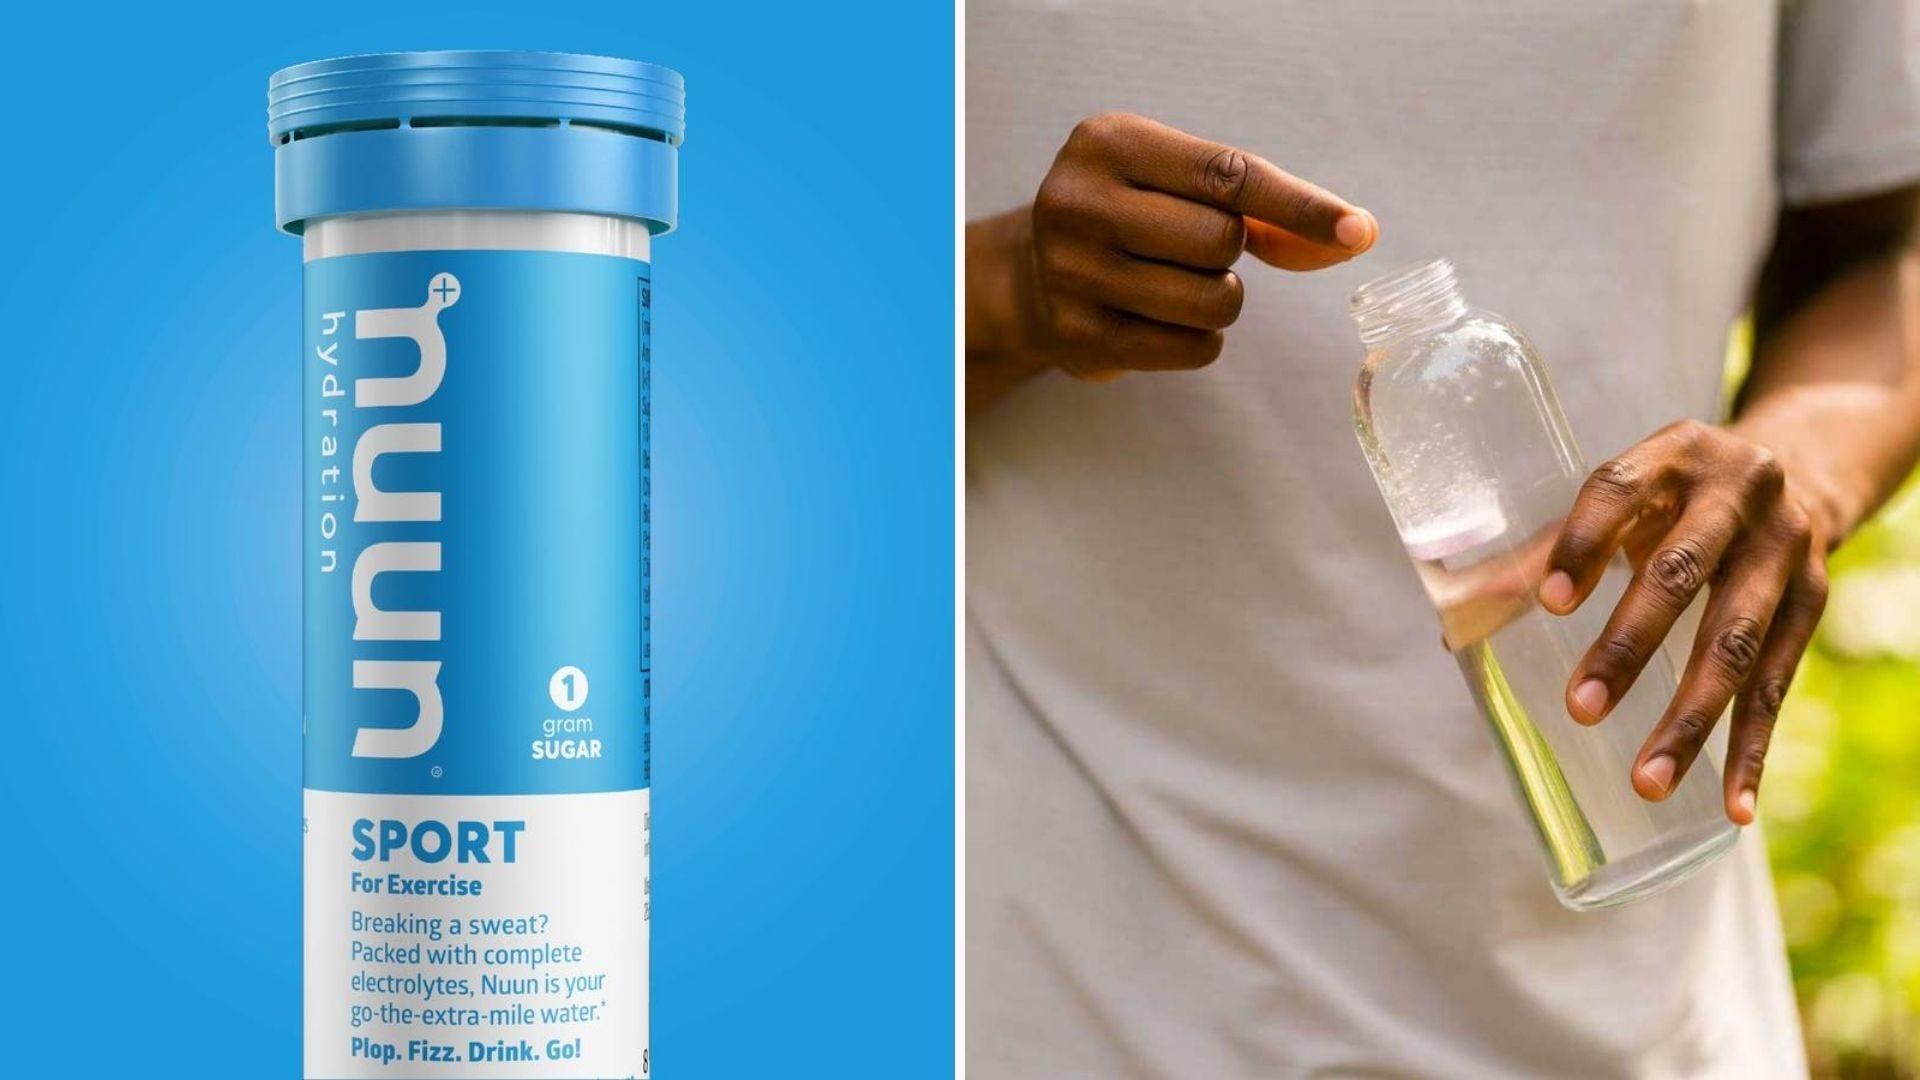 Слева - контейнер Nuun Sport на синем фоне, а справа - человек, роняющий таблетку электролита Nuun в свою бутылку с водой.